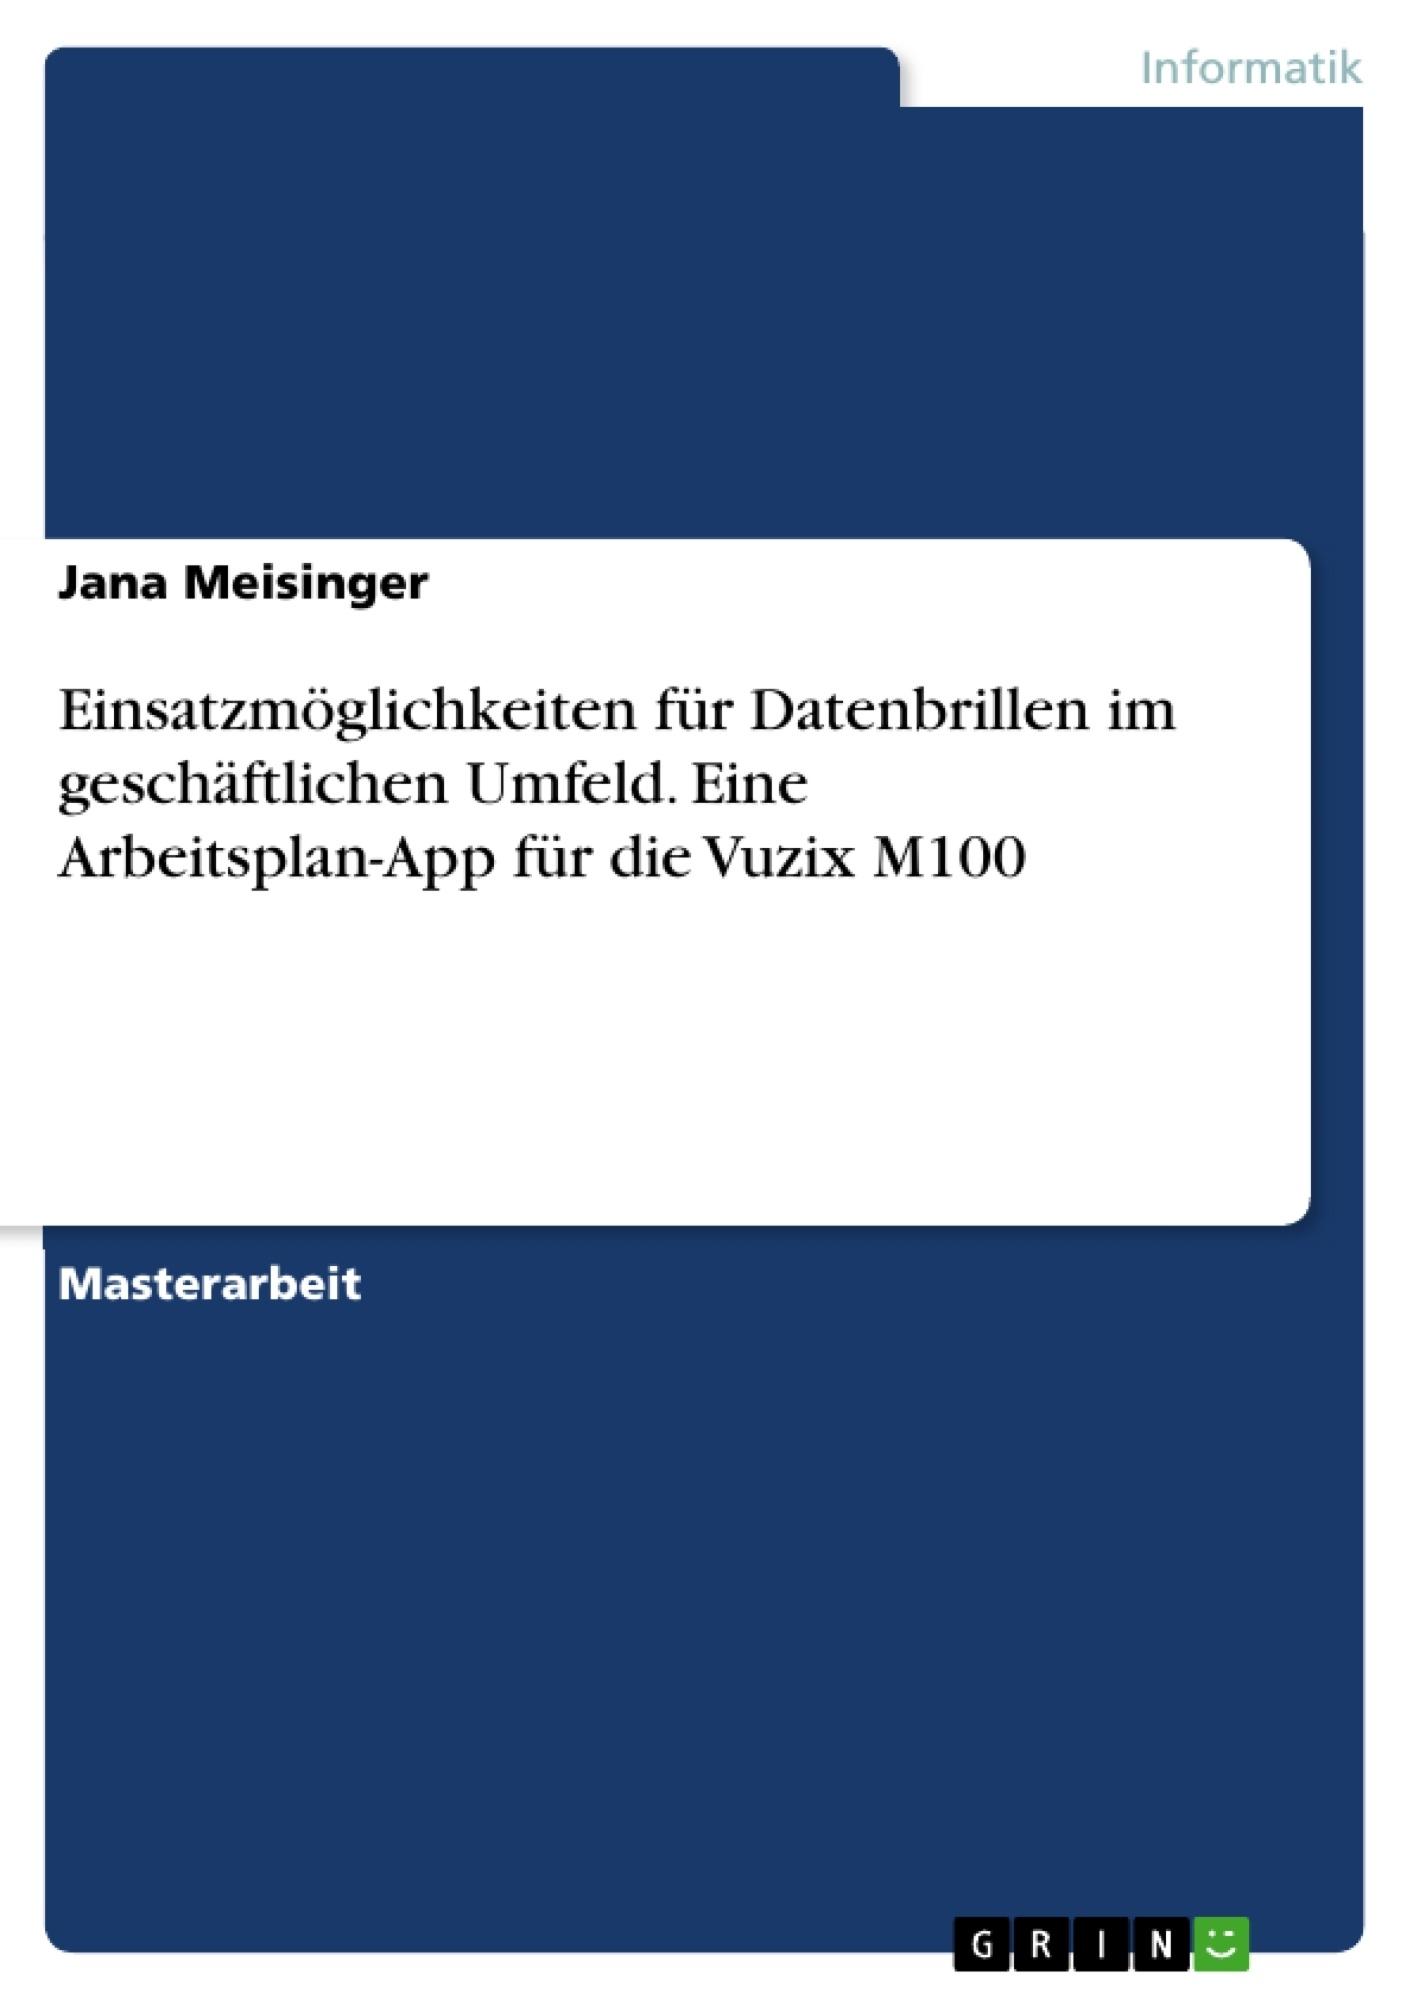 Titel: Einsatzmöglichkeiten für Datenbrillen im geschäftlichen Umfeld. Eine Arbeitsplan-App für die Vuzix M100